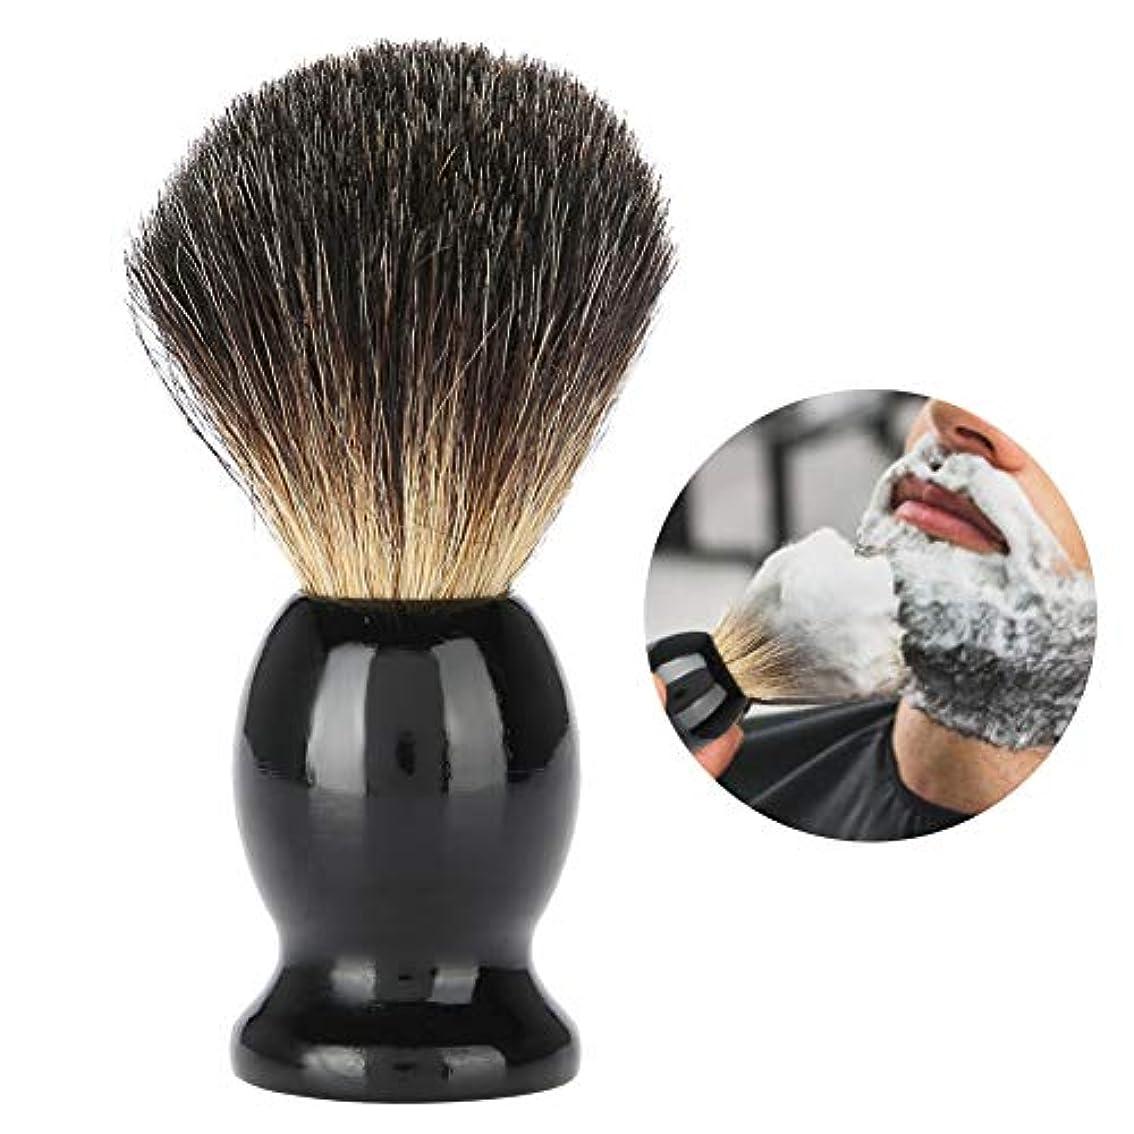 Yuyteポータブル男性ウッドハンドル髭剃りブラシ理髪店サロンツール